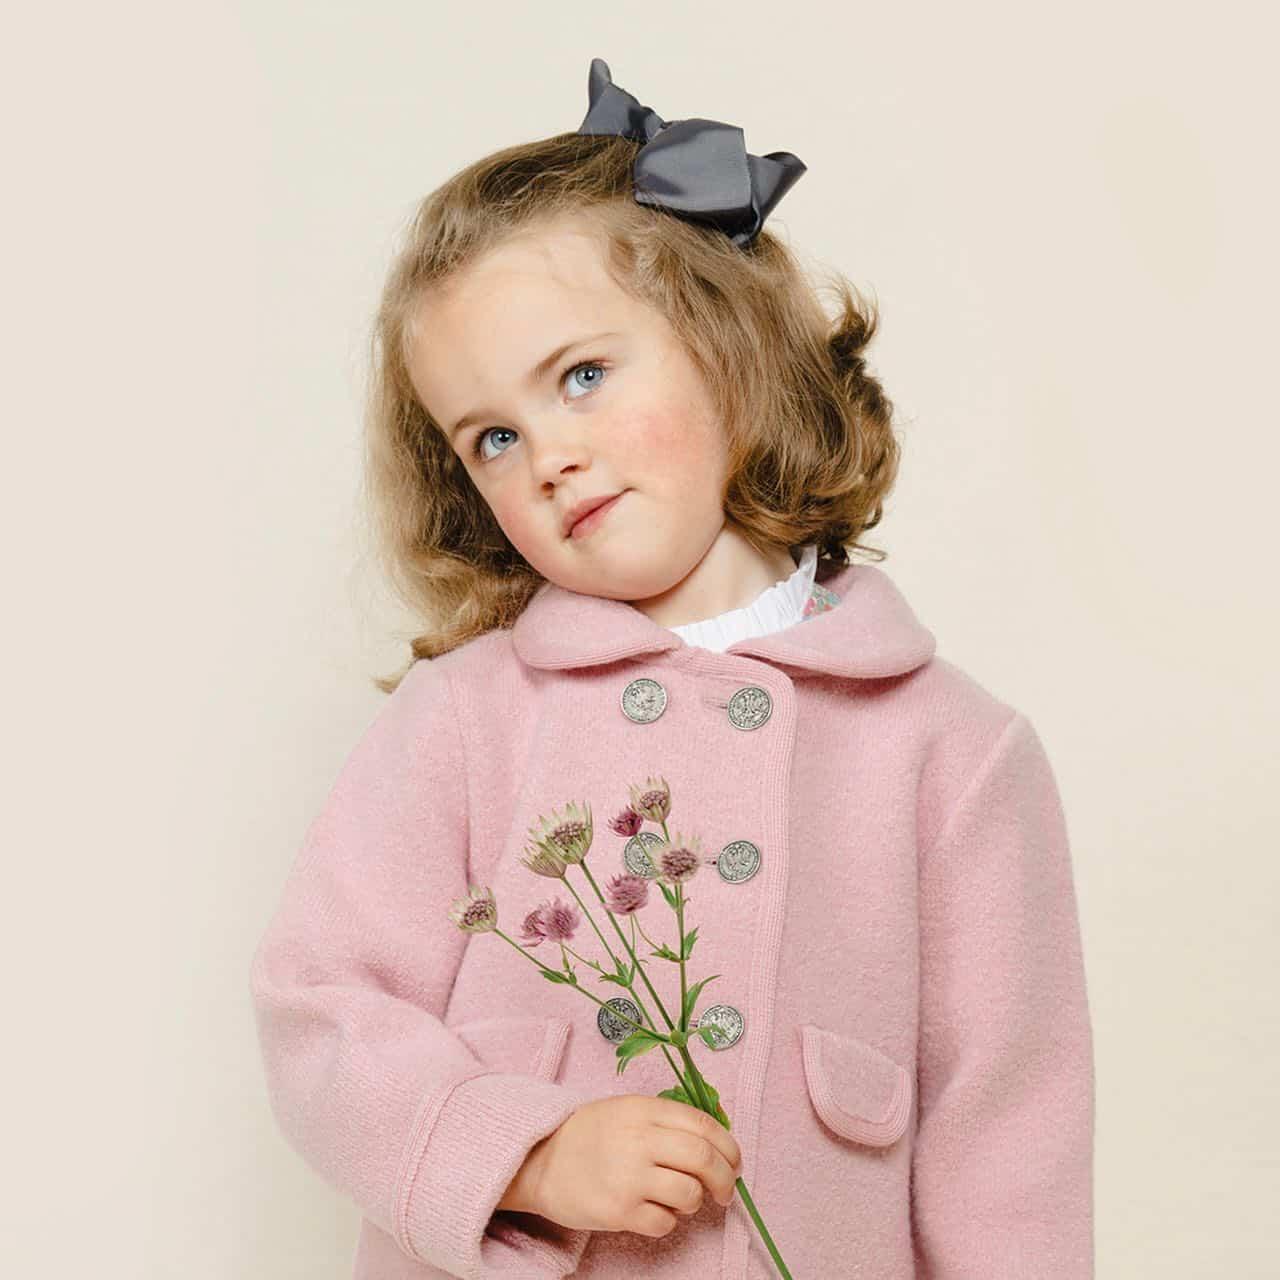 どのカラーがお好みですかイギリス王室シャーロット王女ご愛用のアマイアキッズのウールコート秋冬シーズンの贈り物におすすめのアイテム新作秋冬コレクションはHPをチェック@bonitatokyo︎ONLINE STOREhttps://bonitatokyo.com#bonitatokyo #amaiakids #アマイアキッズ #子供服 #女の子服 #出産祝いギフト #女の子ベビー服 #シャーロット王女 #キッズファッション女の子 #ウールコート #キッズコート